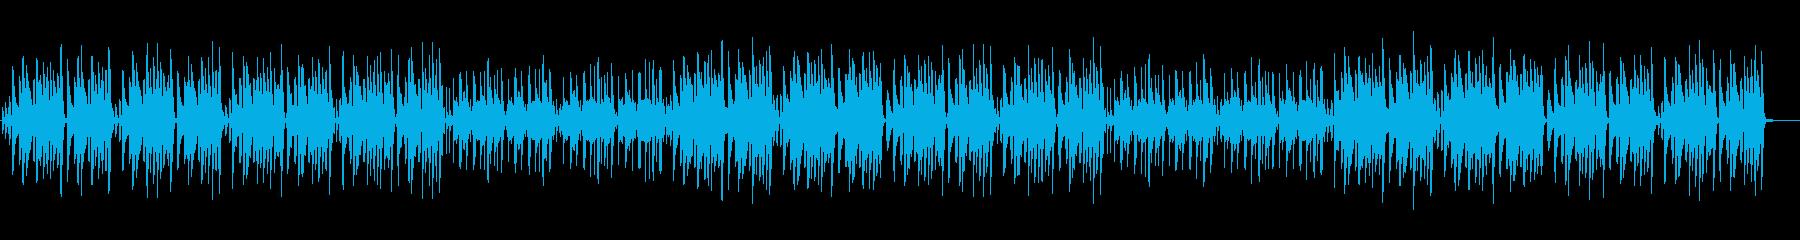 ほのぼのするアコースティックの再生済みの波形